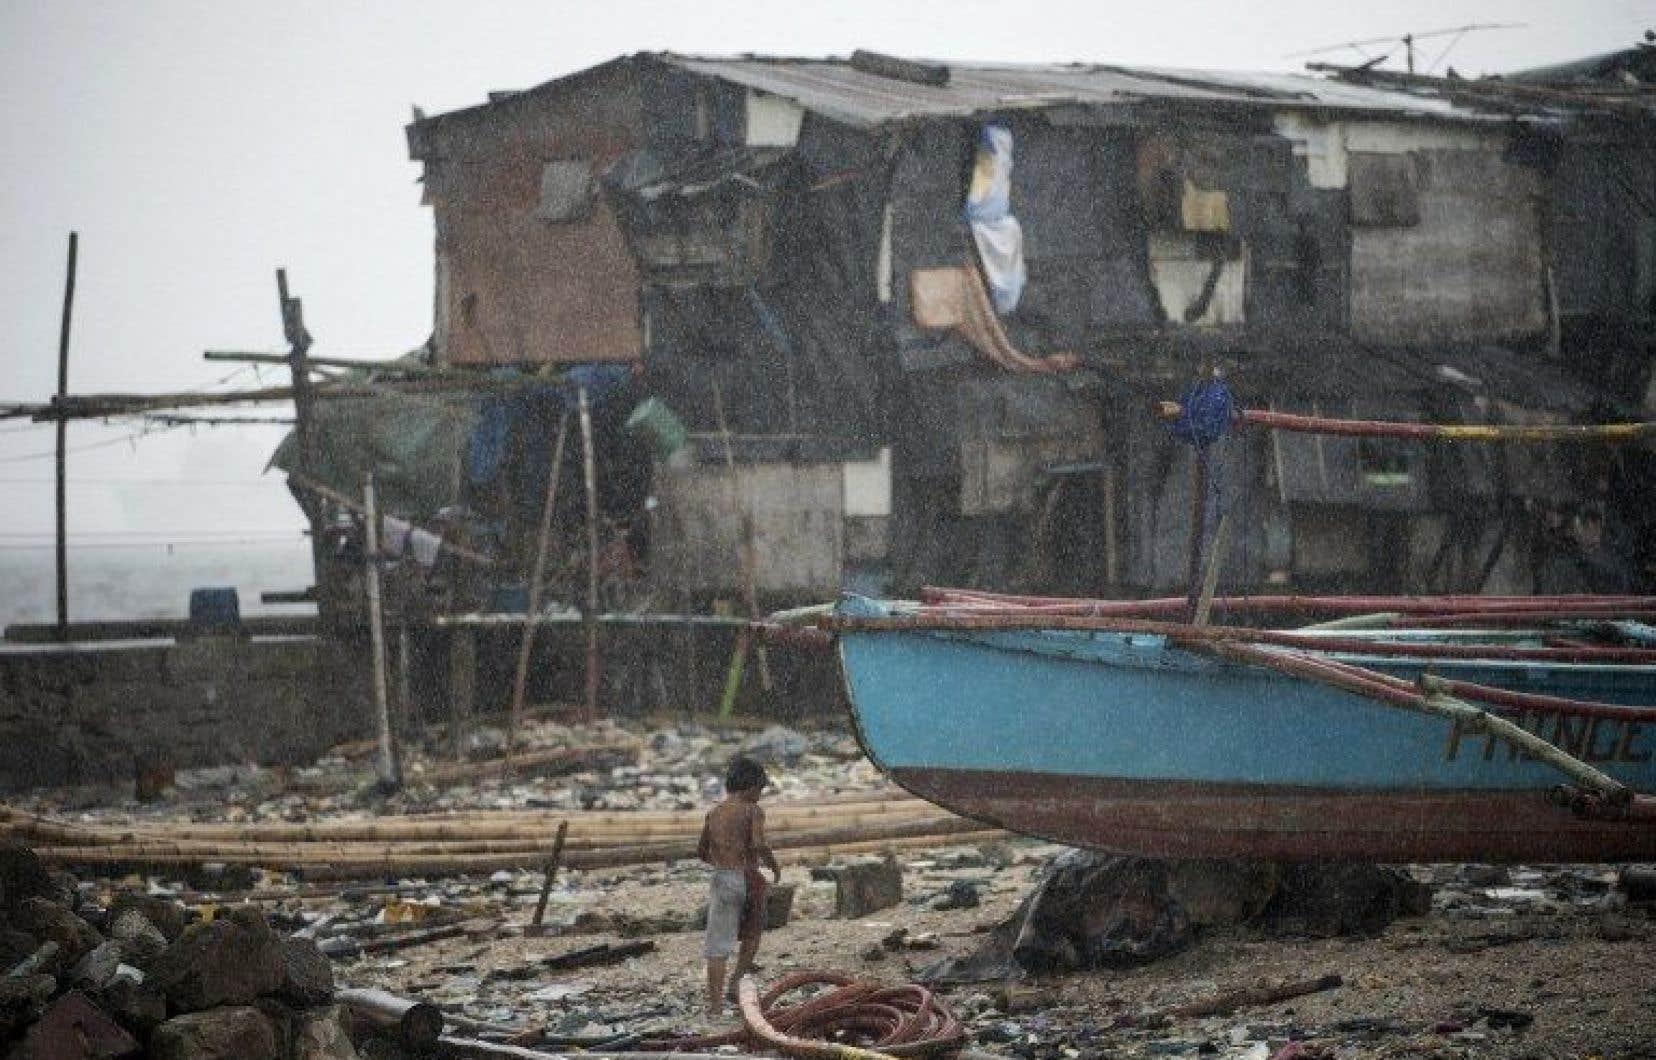 Plus de 383 000 personnes ont été évacuées de leurs foyers par mesure de précaution.